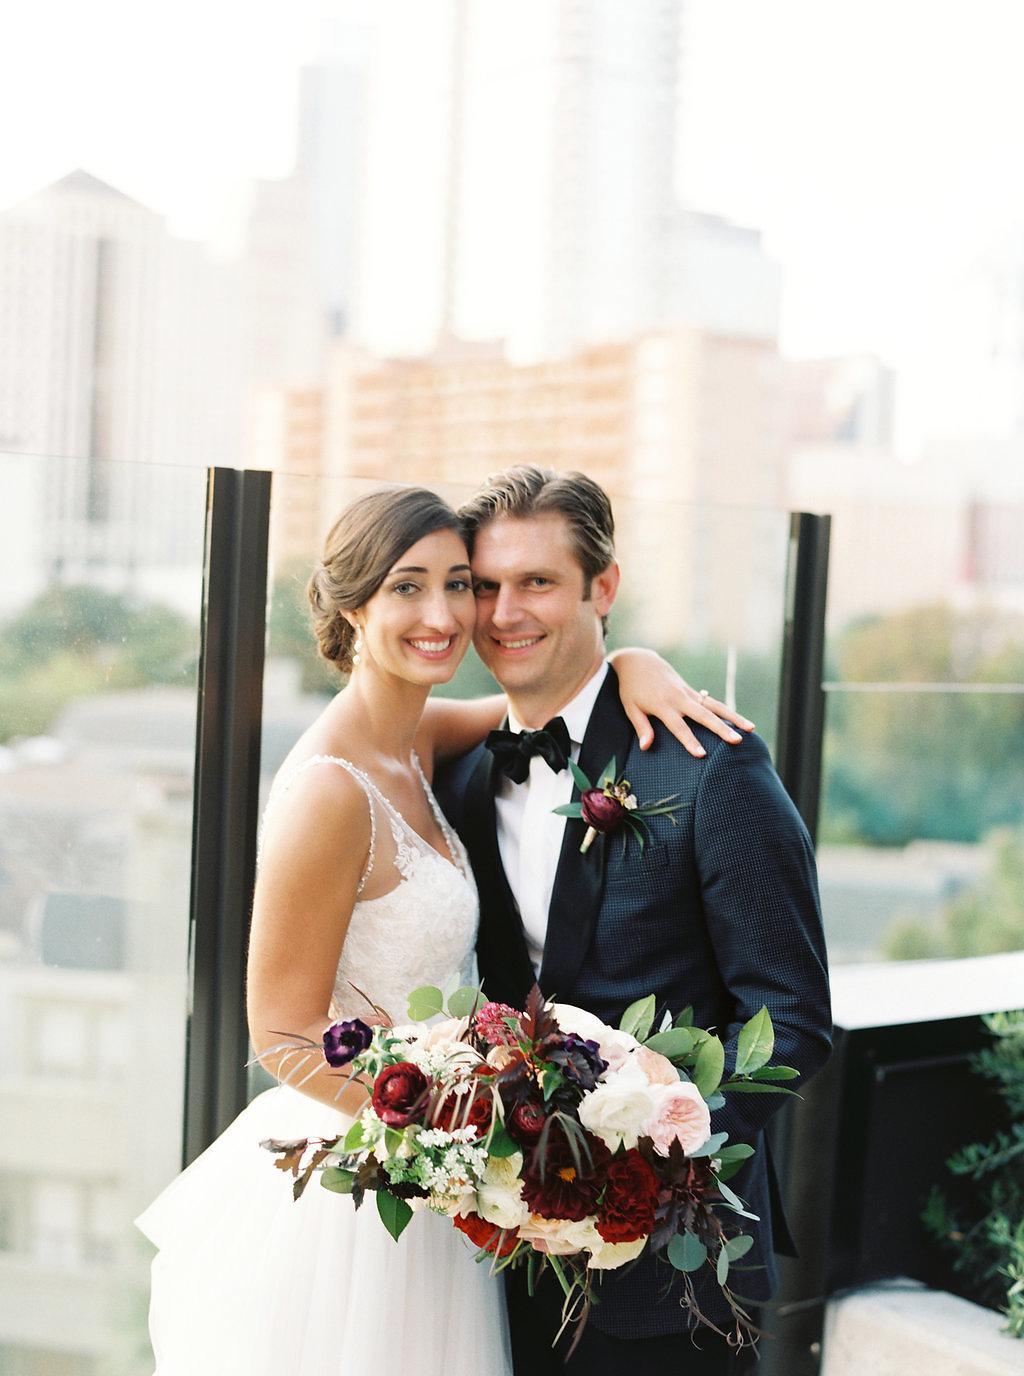 Rachel_Ben_Wedding_Hotel_Van_Zandt647.jpg